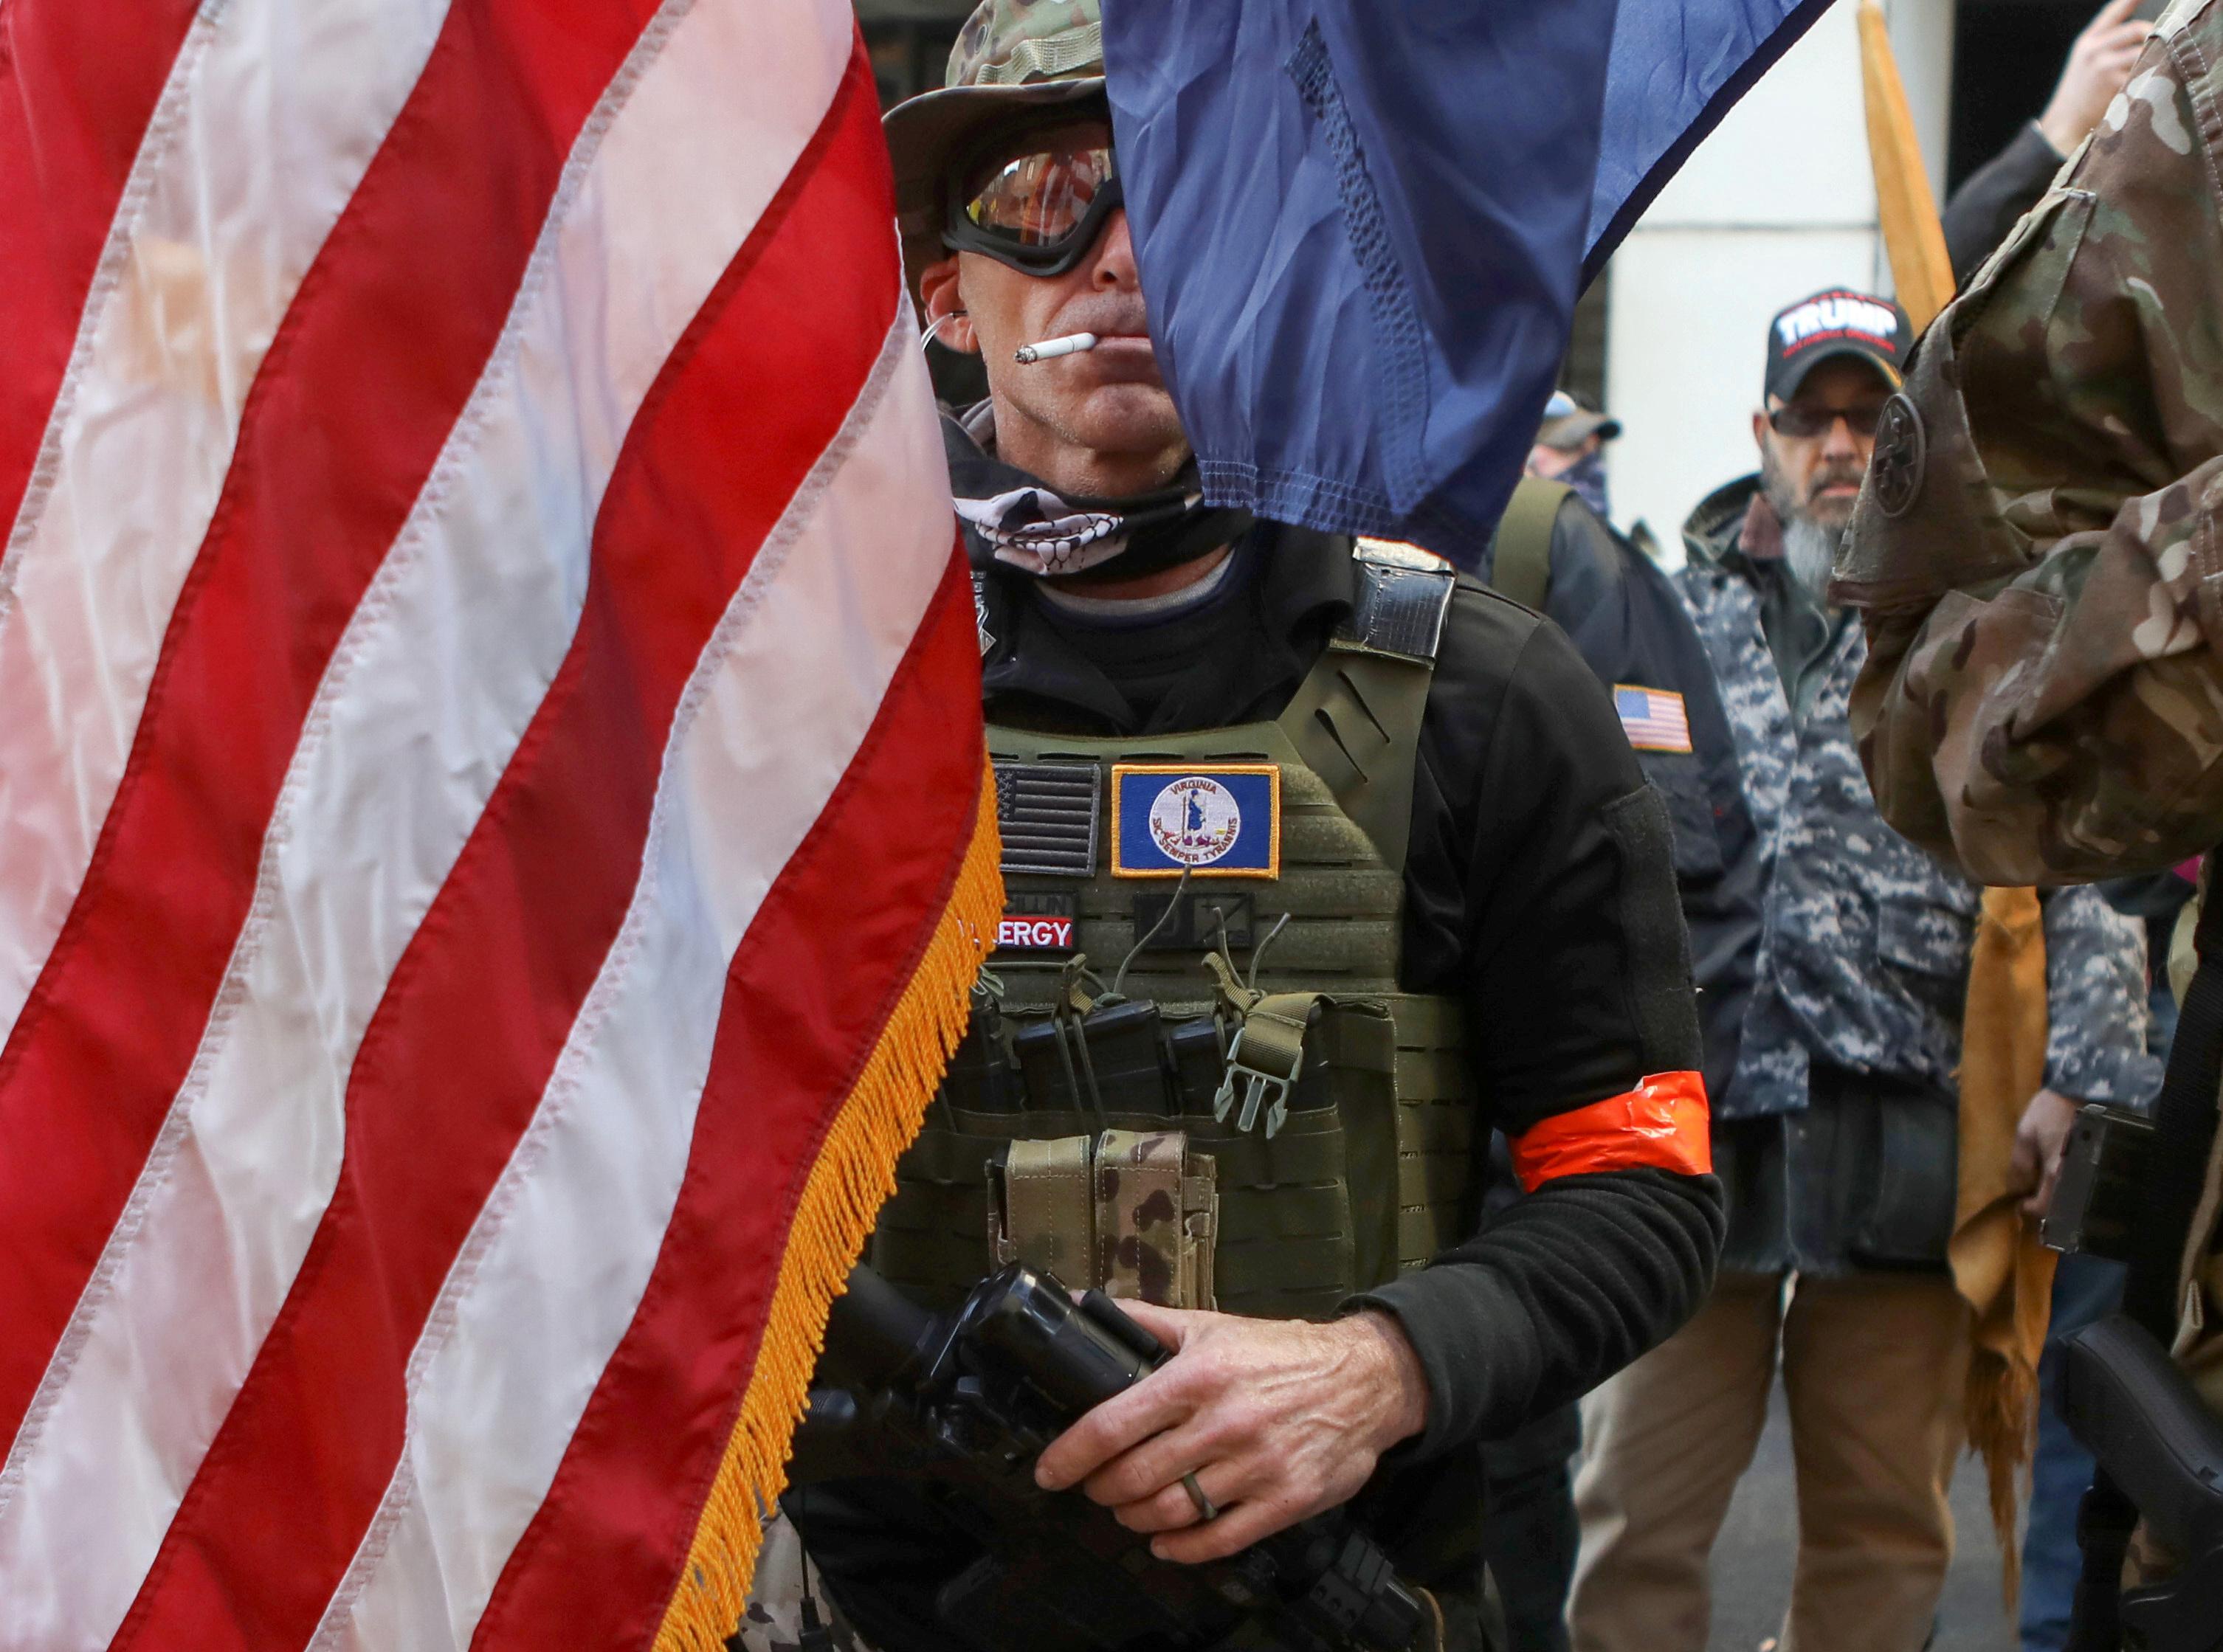 La manifestación ocurrió sin incidentes, a pesar de que el FBI temía la presencia de grupos de ultraderecha dispuestos a confrontar (REUTERS/Jim Urquhart)